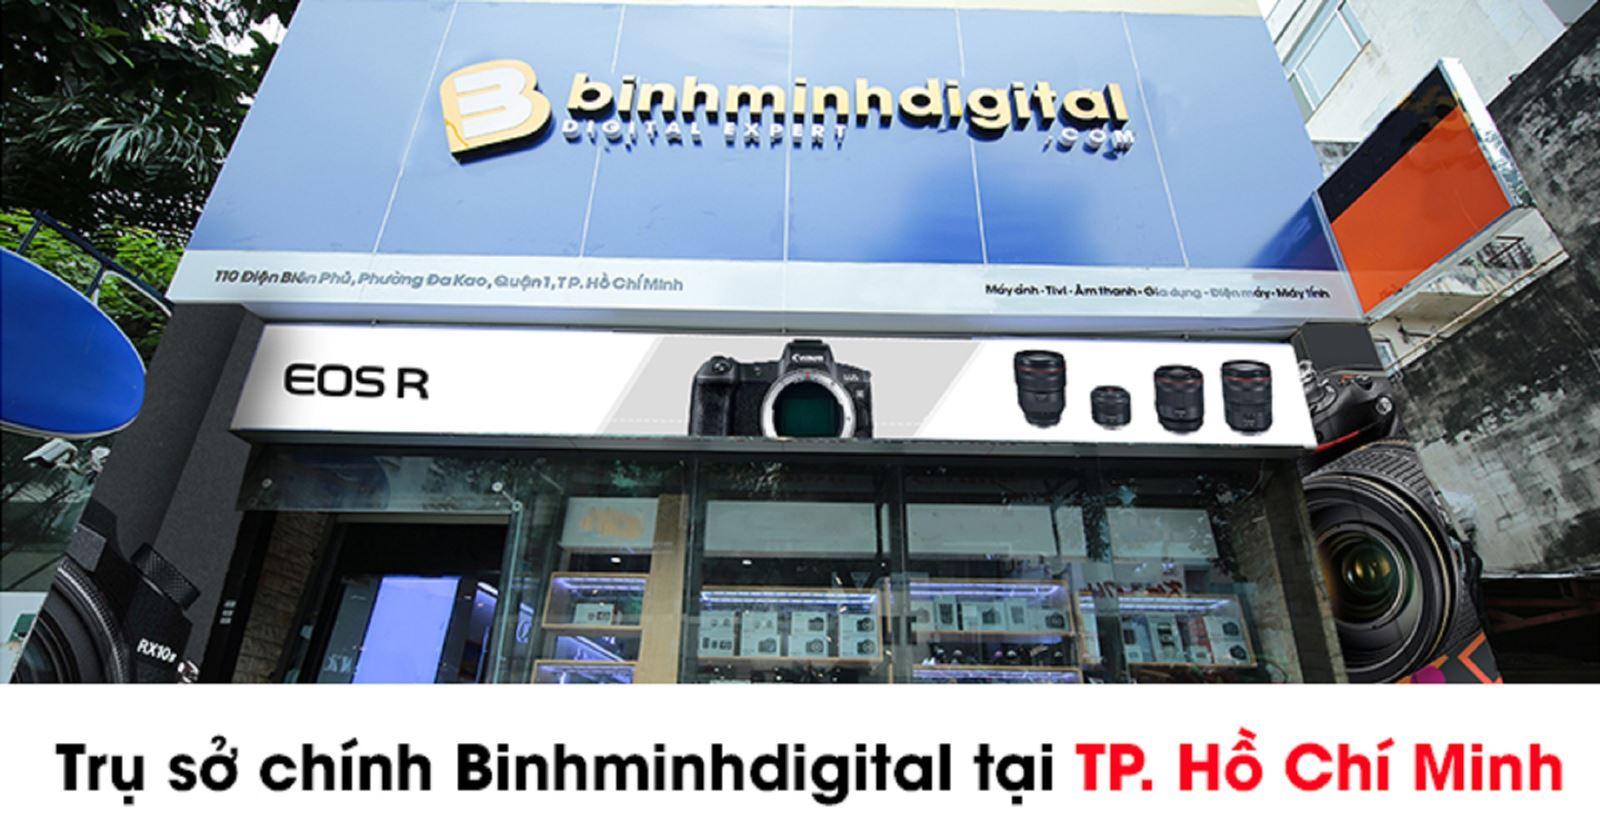 Binhminhdigital - địa chỉ tin cậy cung cấp các sản phẩm âm thanh chính hãng